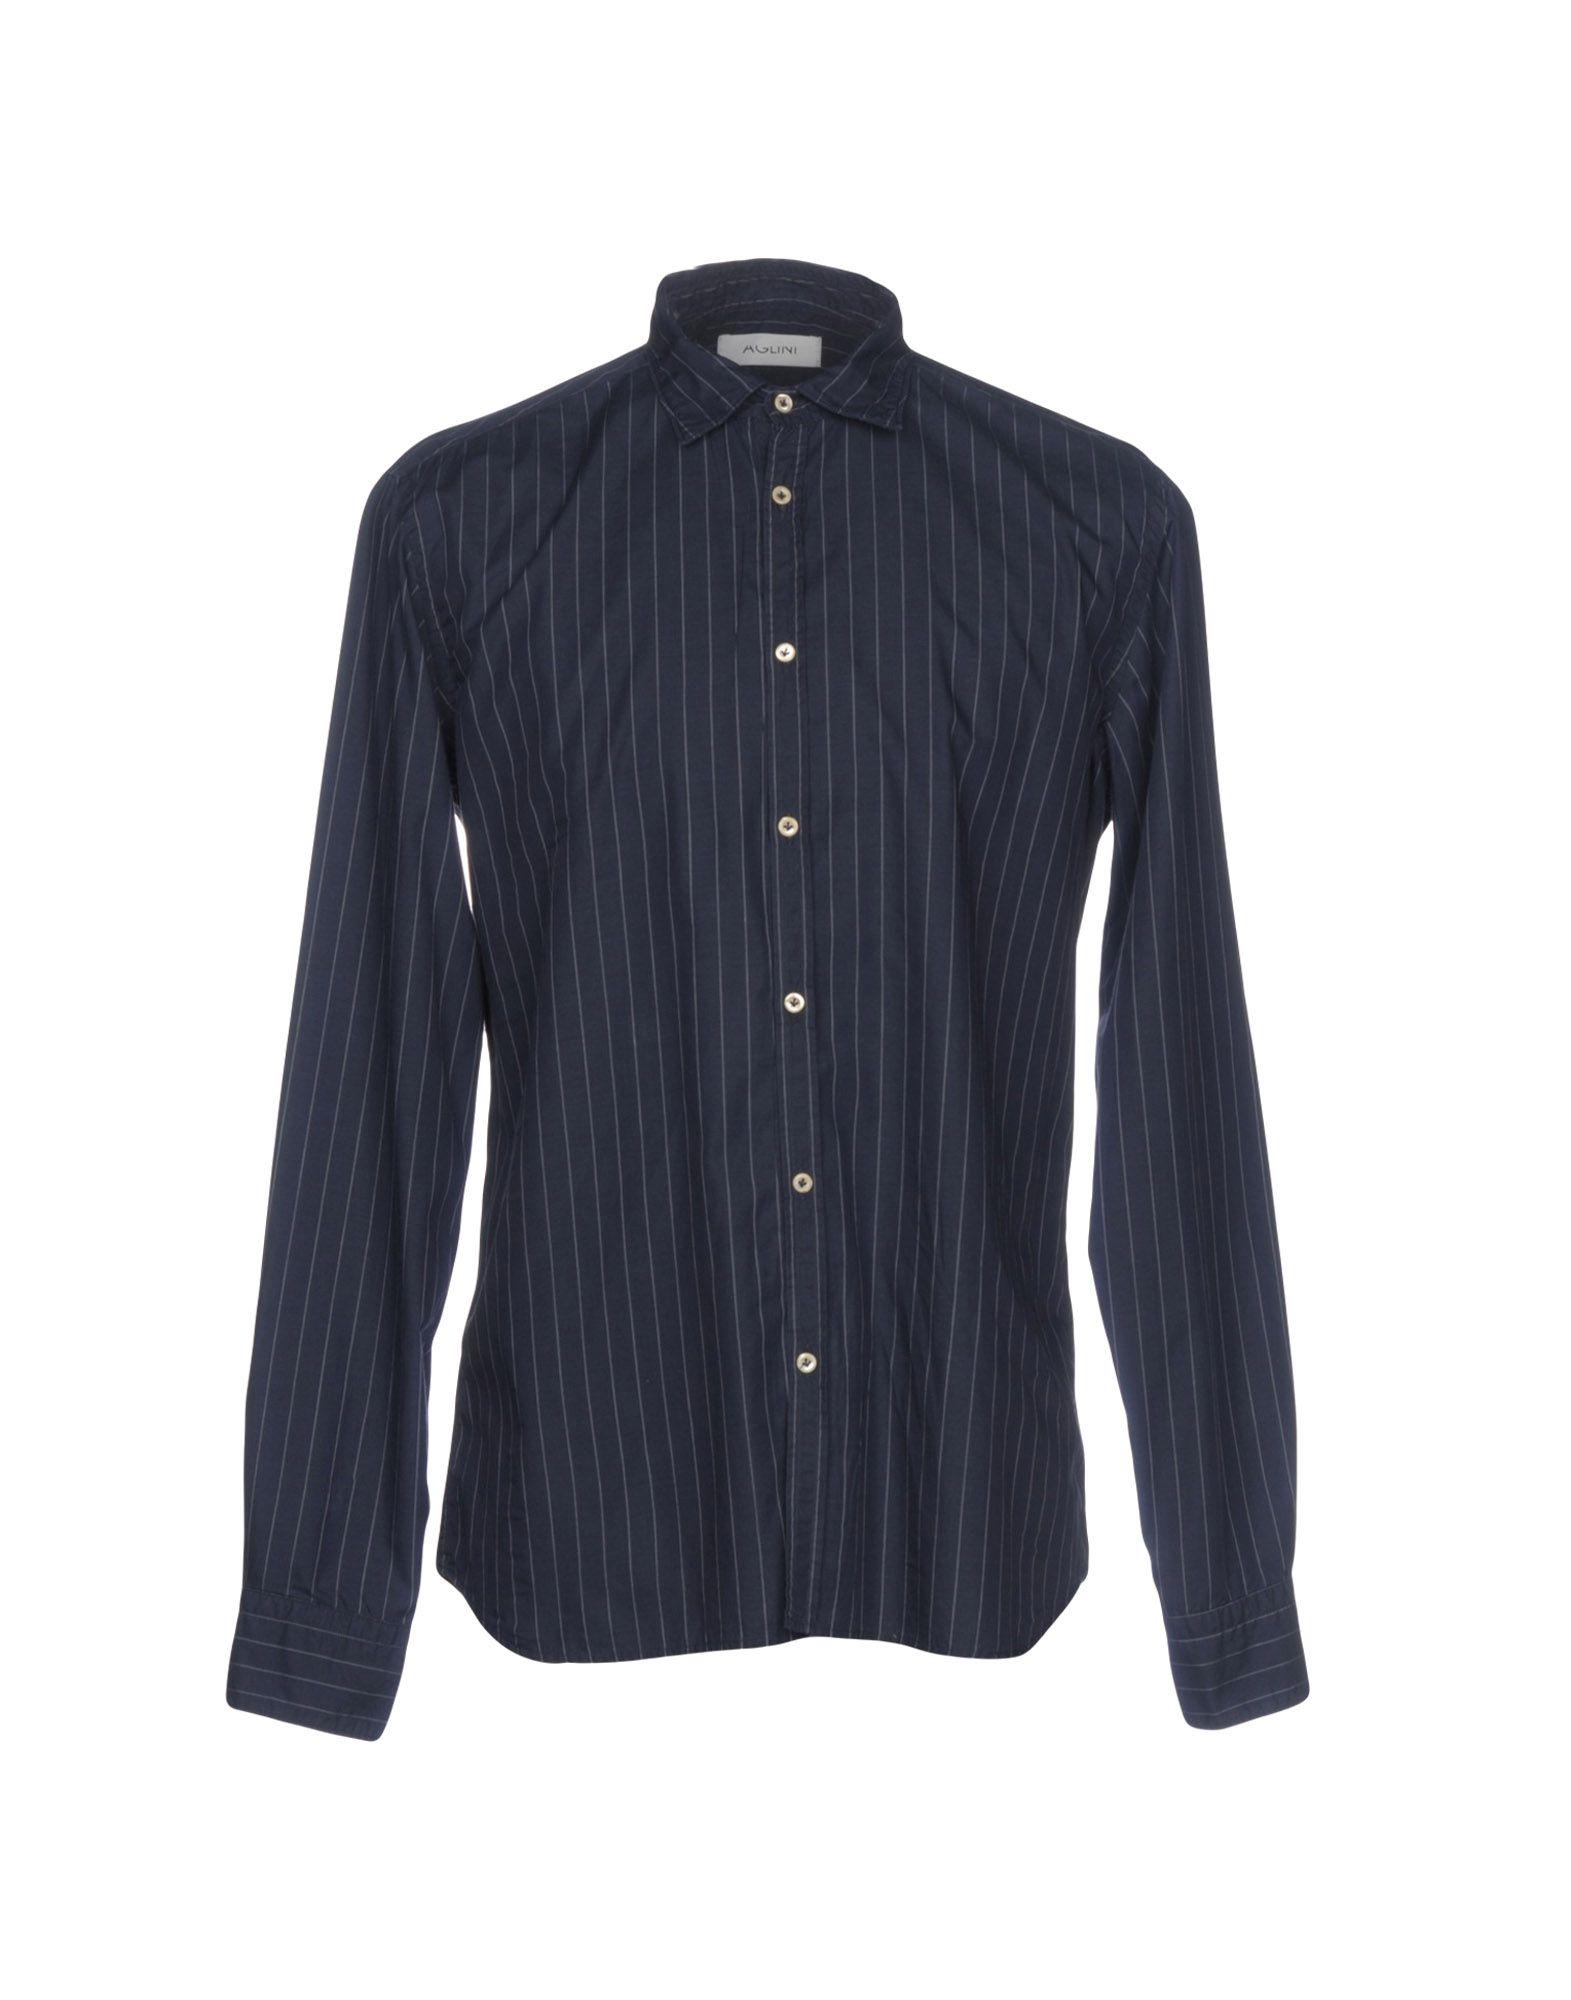 AGLINI Striped Shirt in Dark Blue